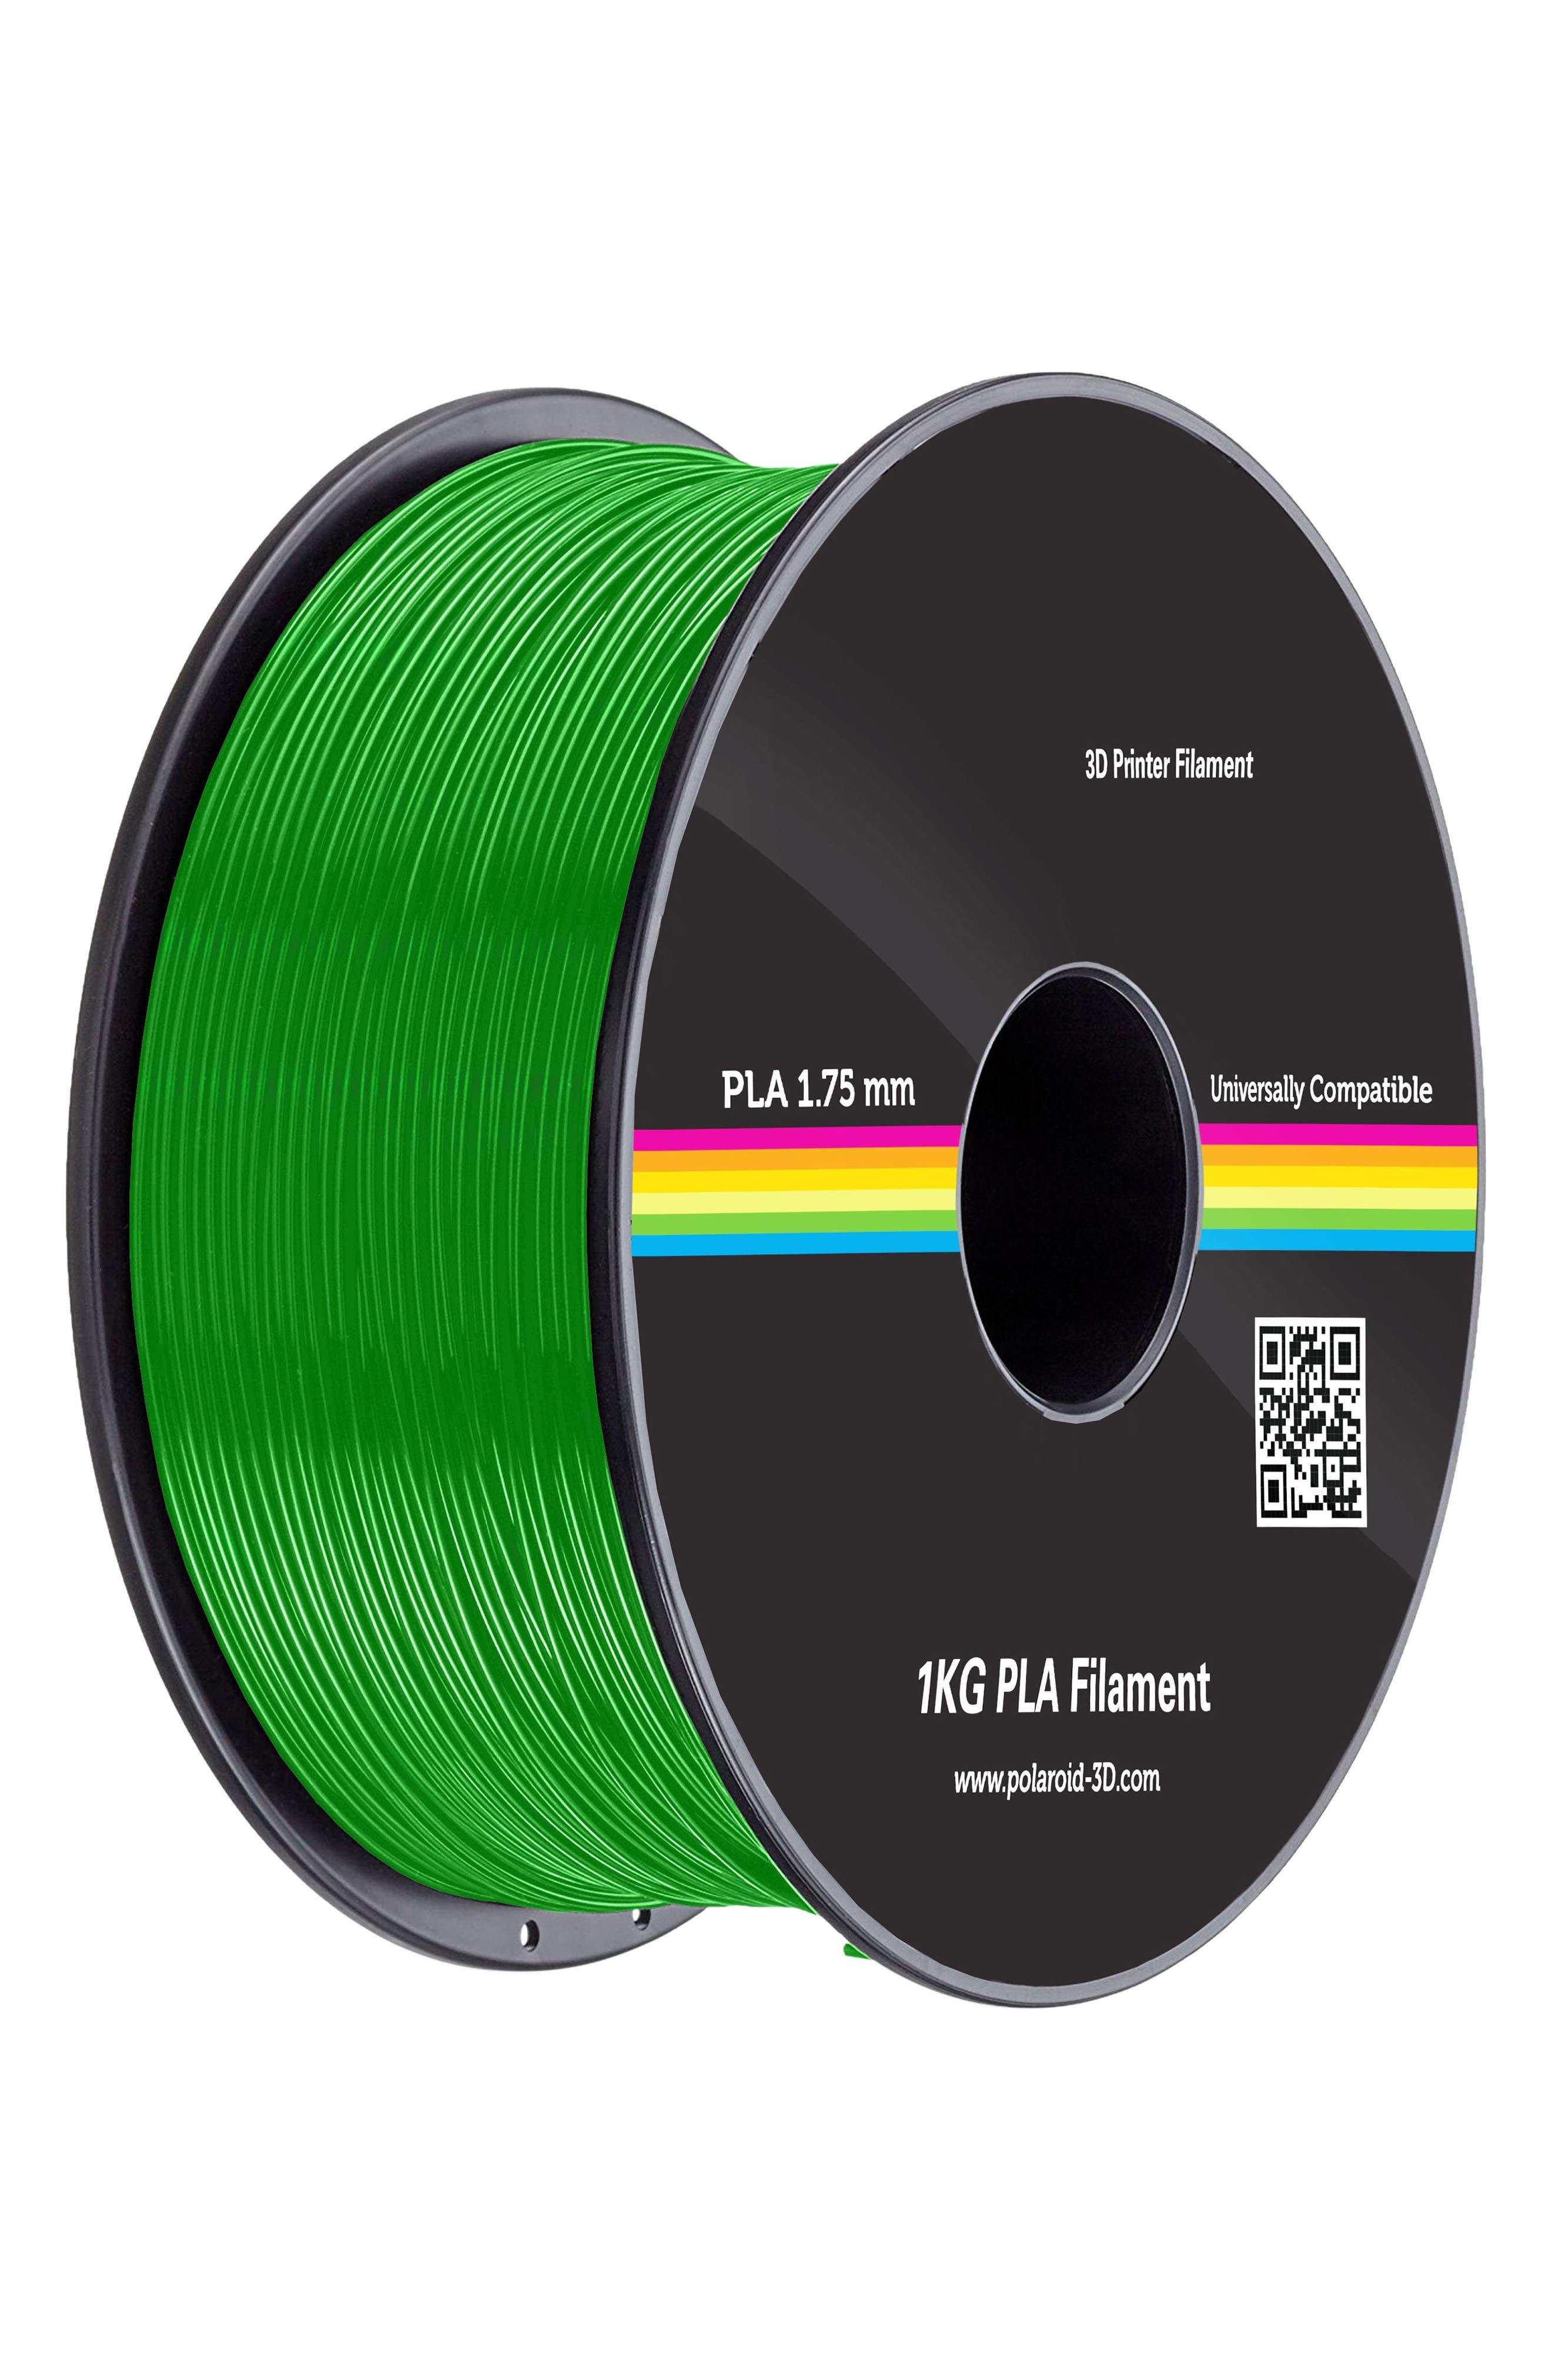 Polaroid 3D 1KG Filament Roll